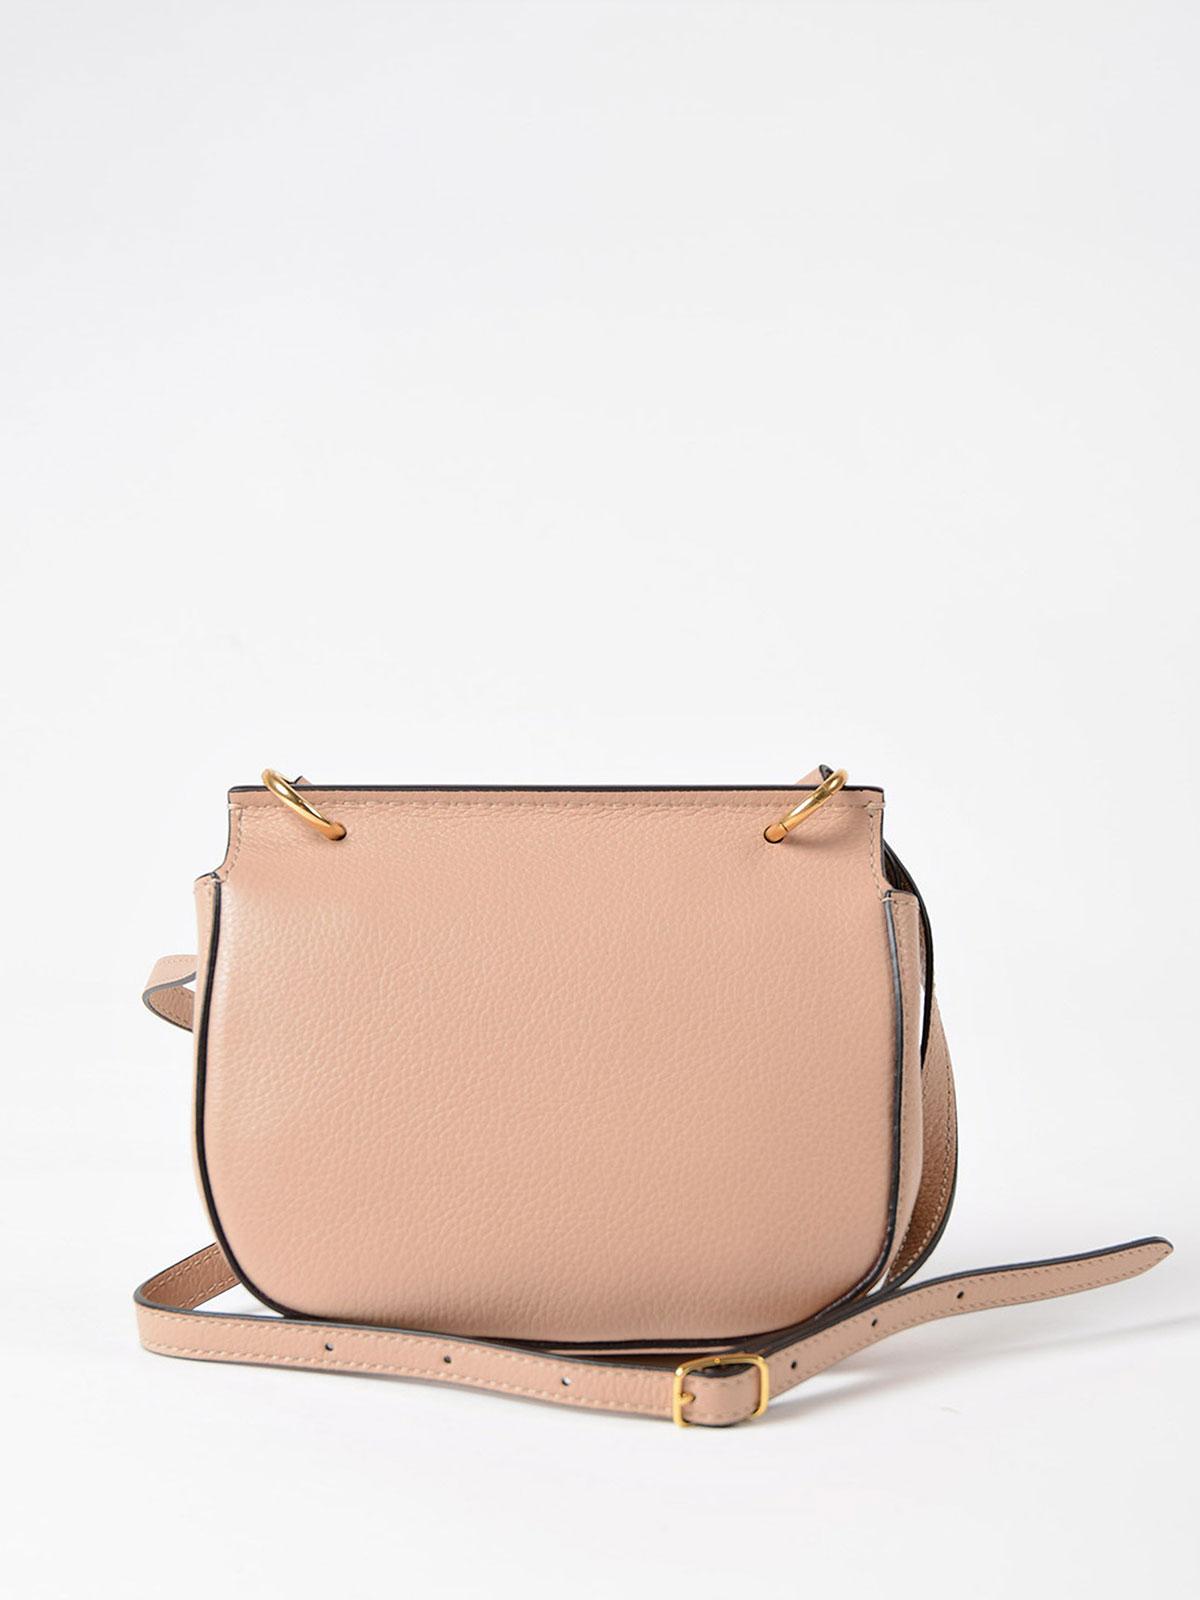 e4fd422fa5 Mulberry - Amberley rose leather mini bag - کیف کج - RL5266 205J633